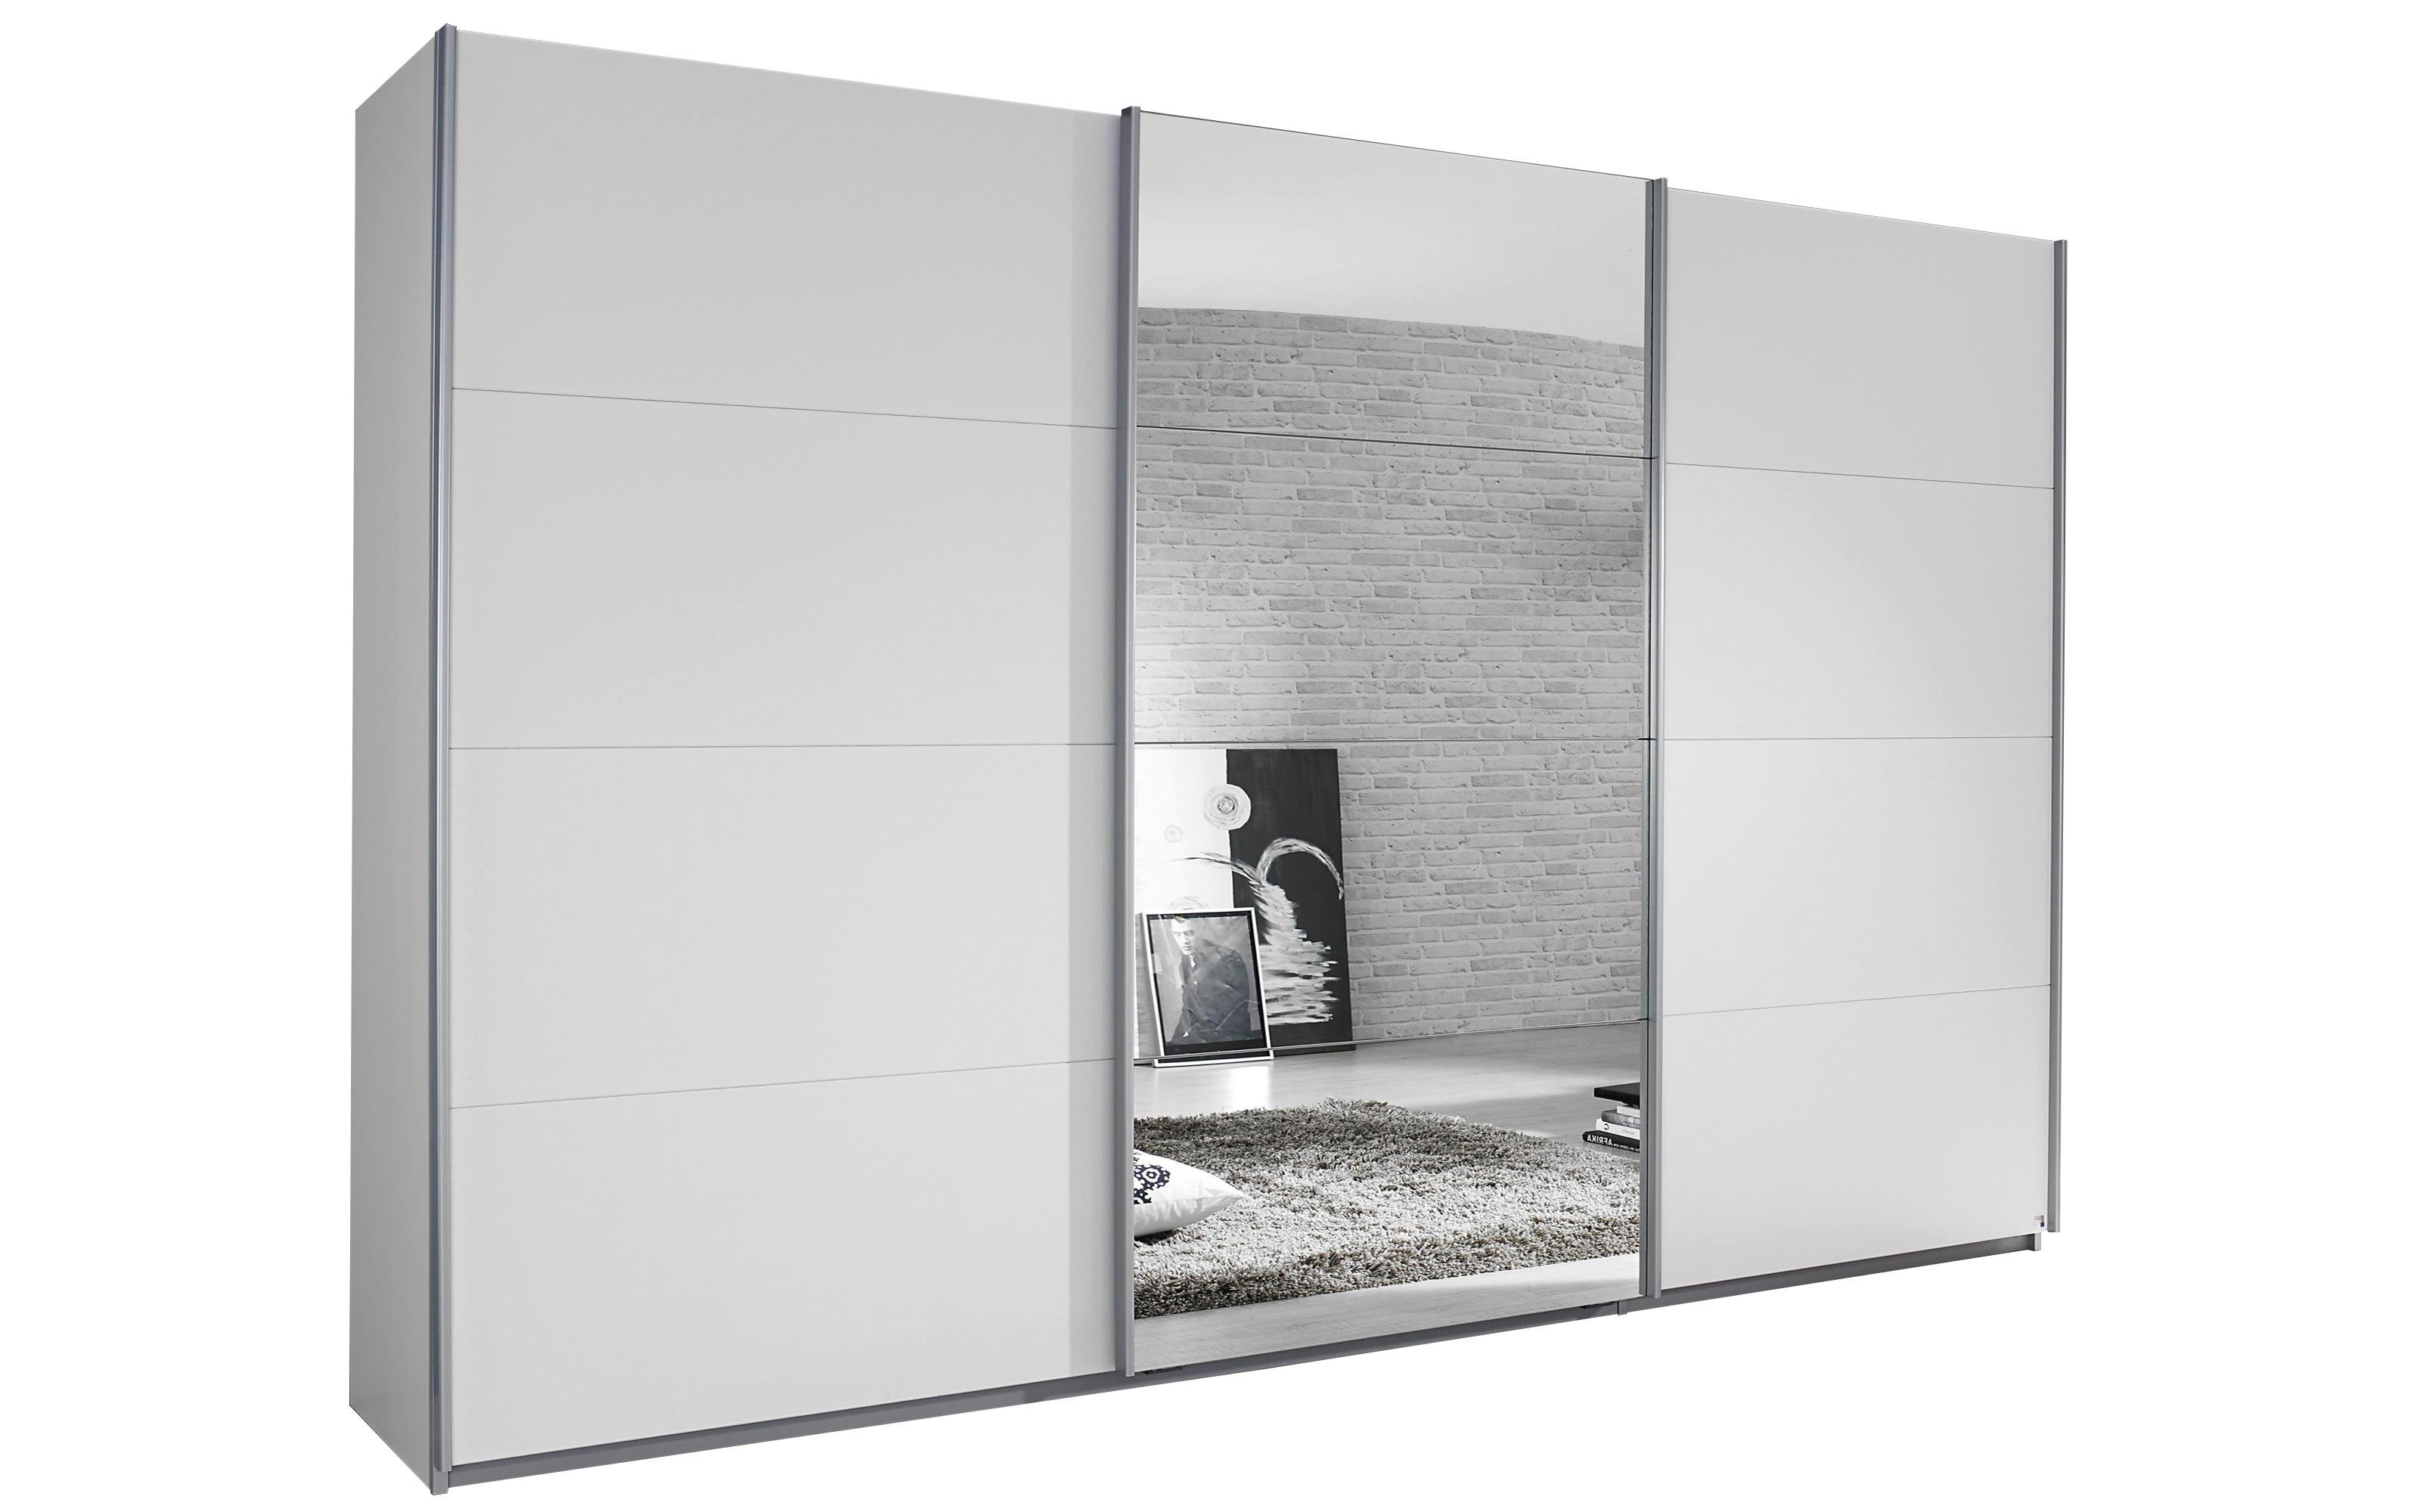 Schwebetürenschrank Kulmbach-A in weiß, Breite 361 cm, Höhe 229 cm